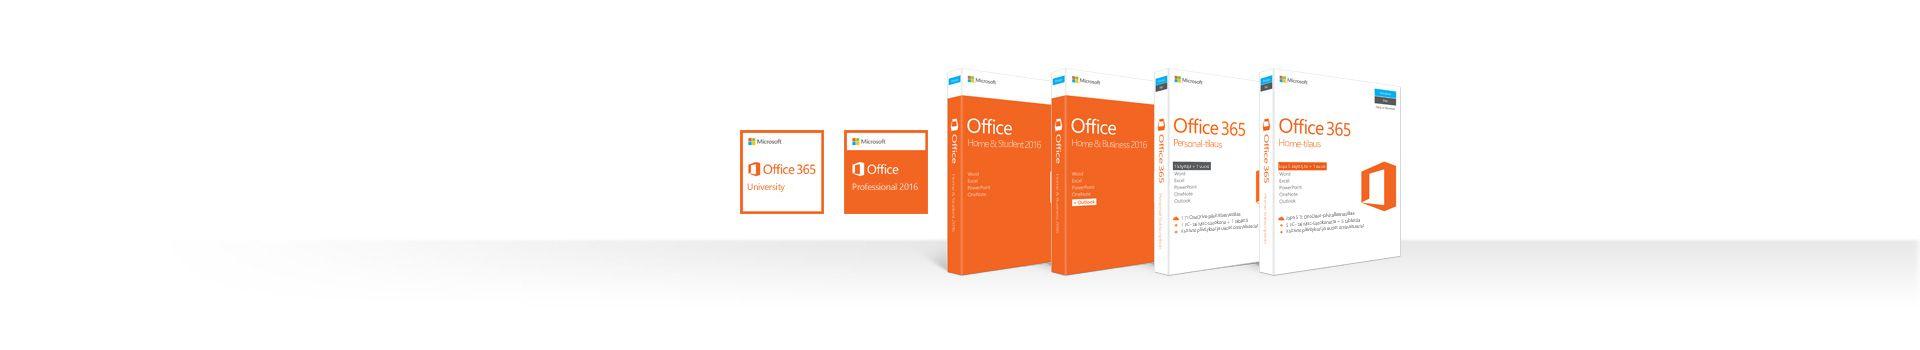 PC-tietokoneiden Office 2016- ja Office 365 -tuotteita sisältävien laatikoiden rivi